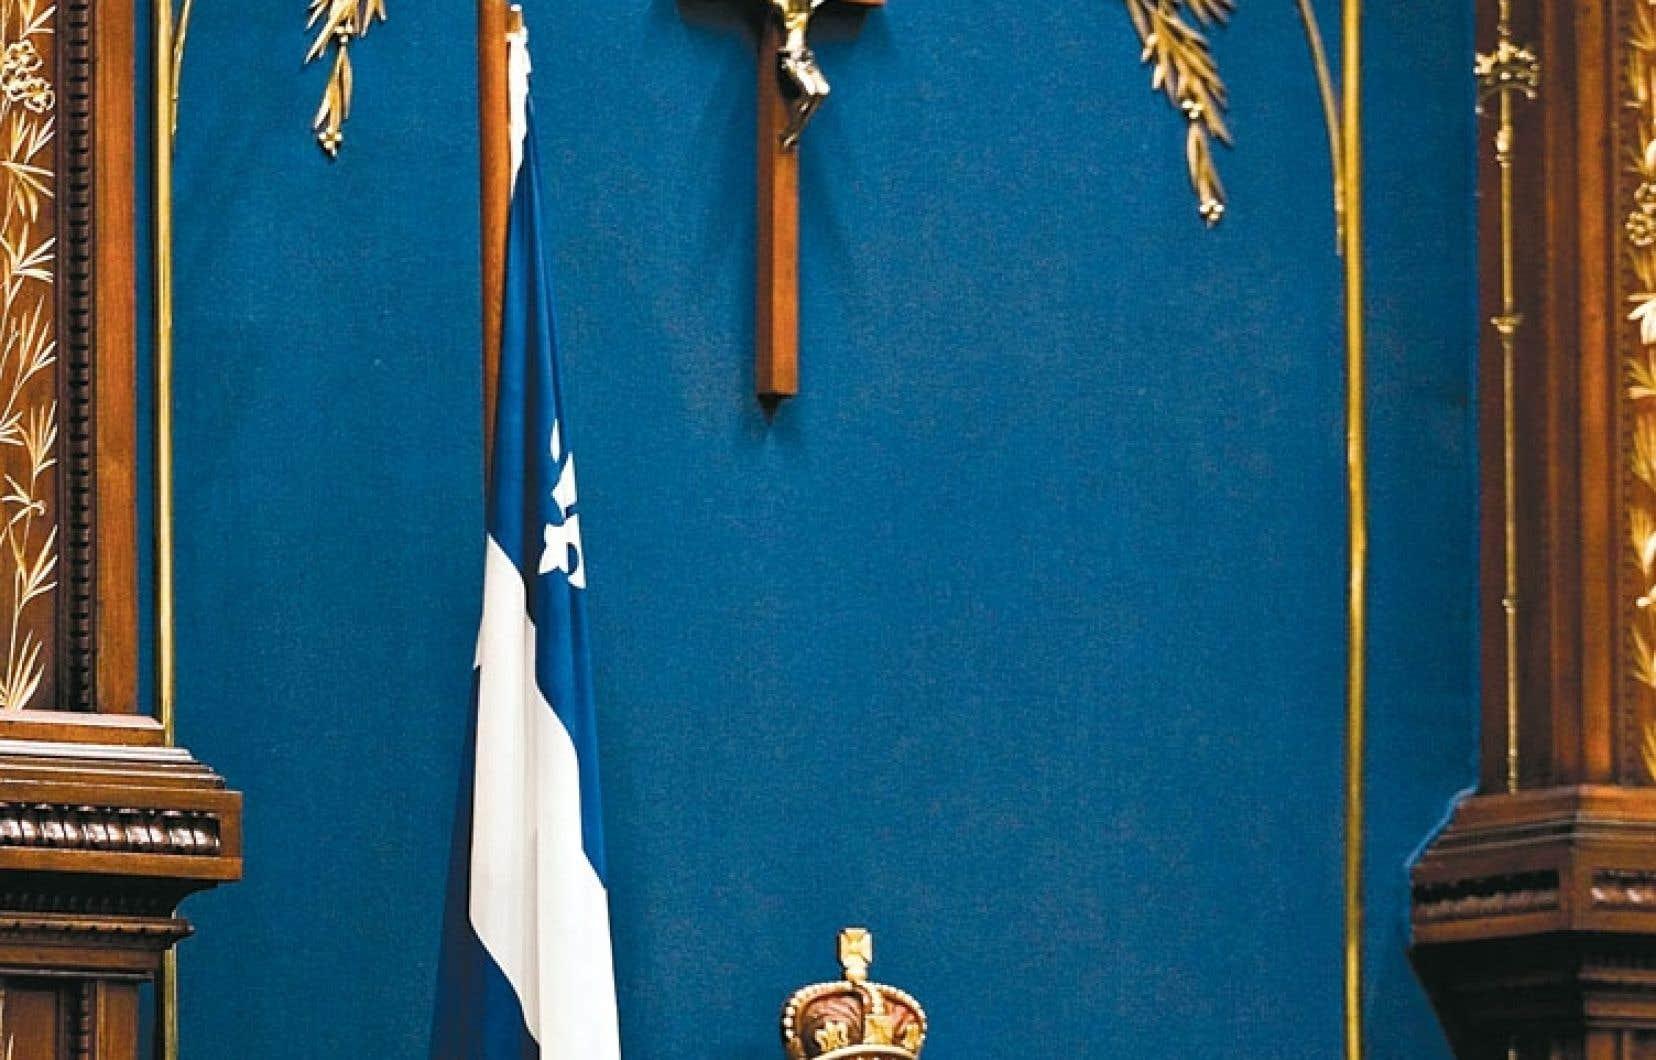 Le crucifix, qui est placé au-dessus du siège du président de l'Assemblée nationale du Québec, a été introduit au Salon bleu par Maurice Duplessis en 1936.